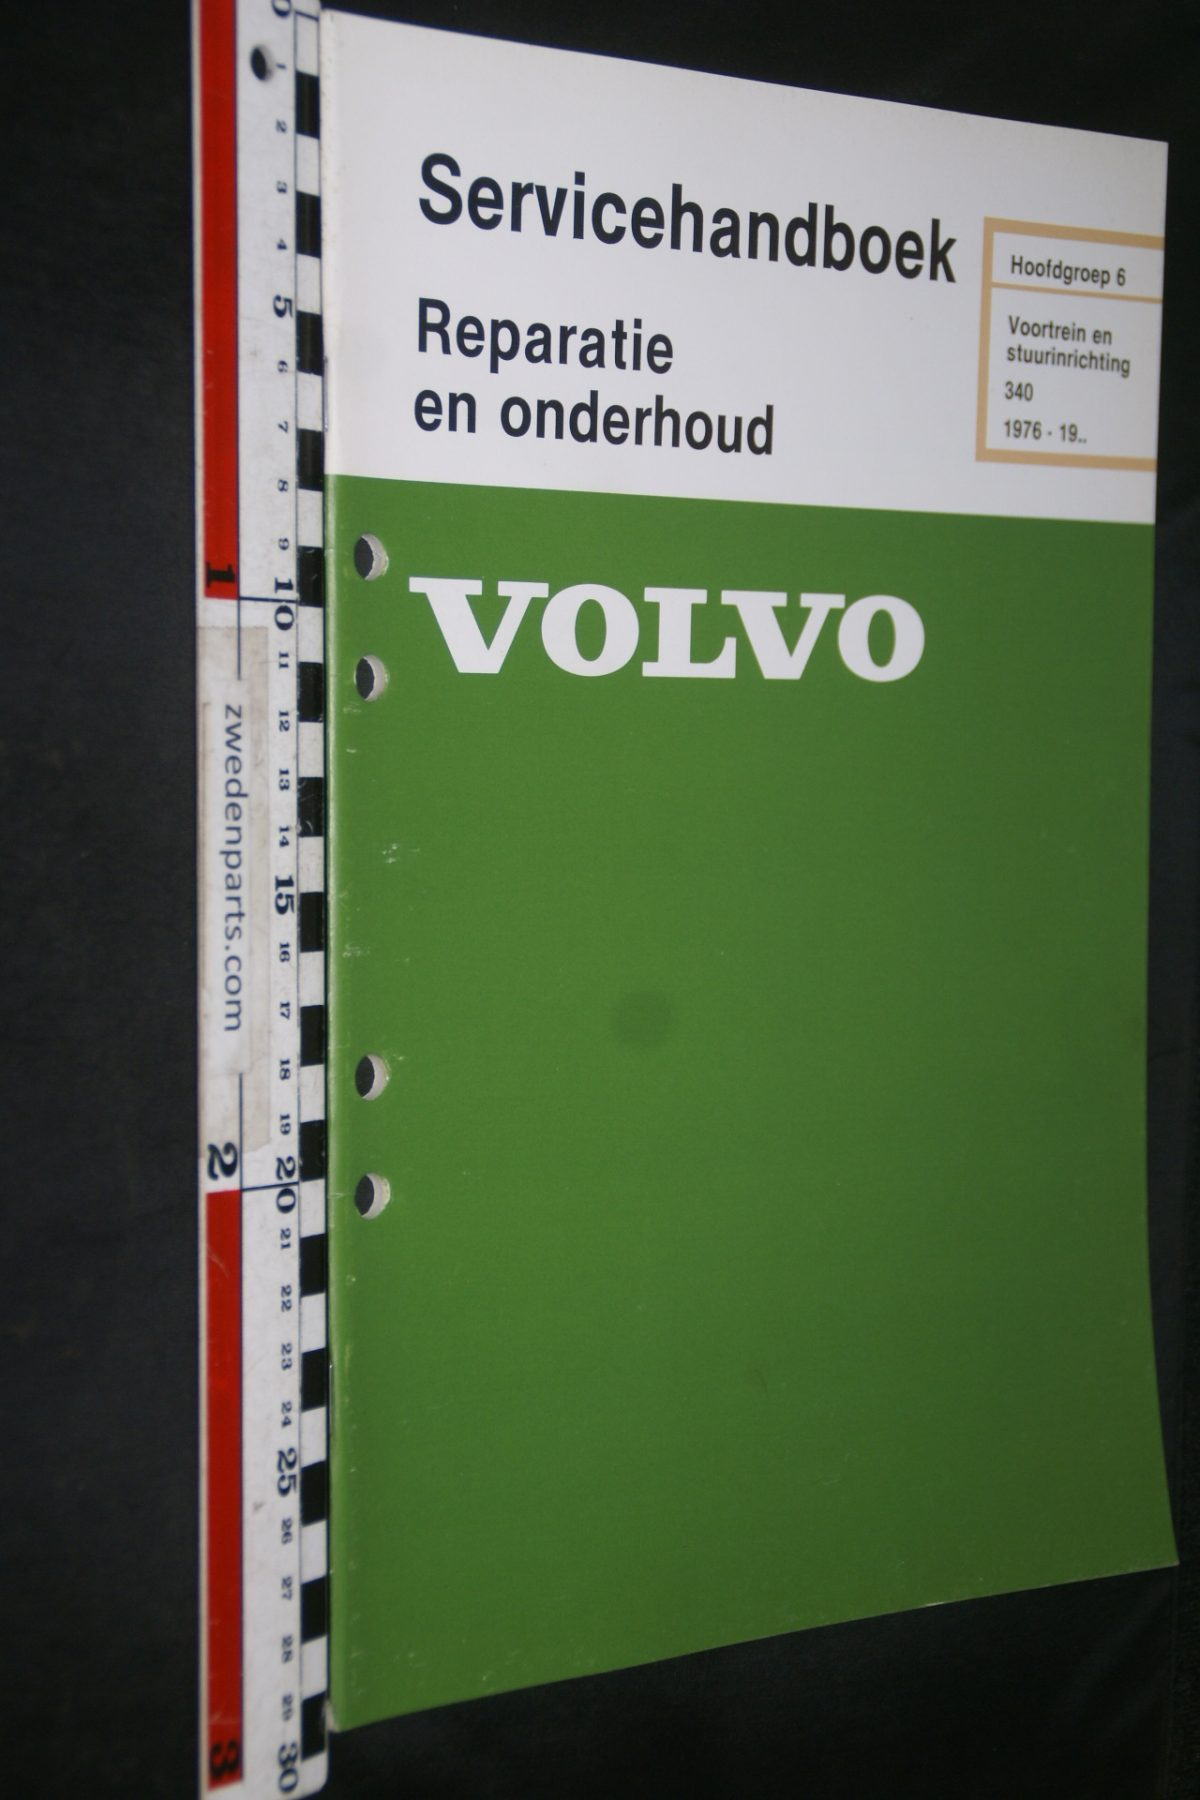 DSC06846 1981 origineel Volvo 340 servicehandboek 6 voortrein en stuurinrichting 1 van 800 TP 12165-2